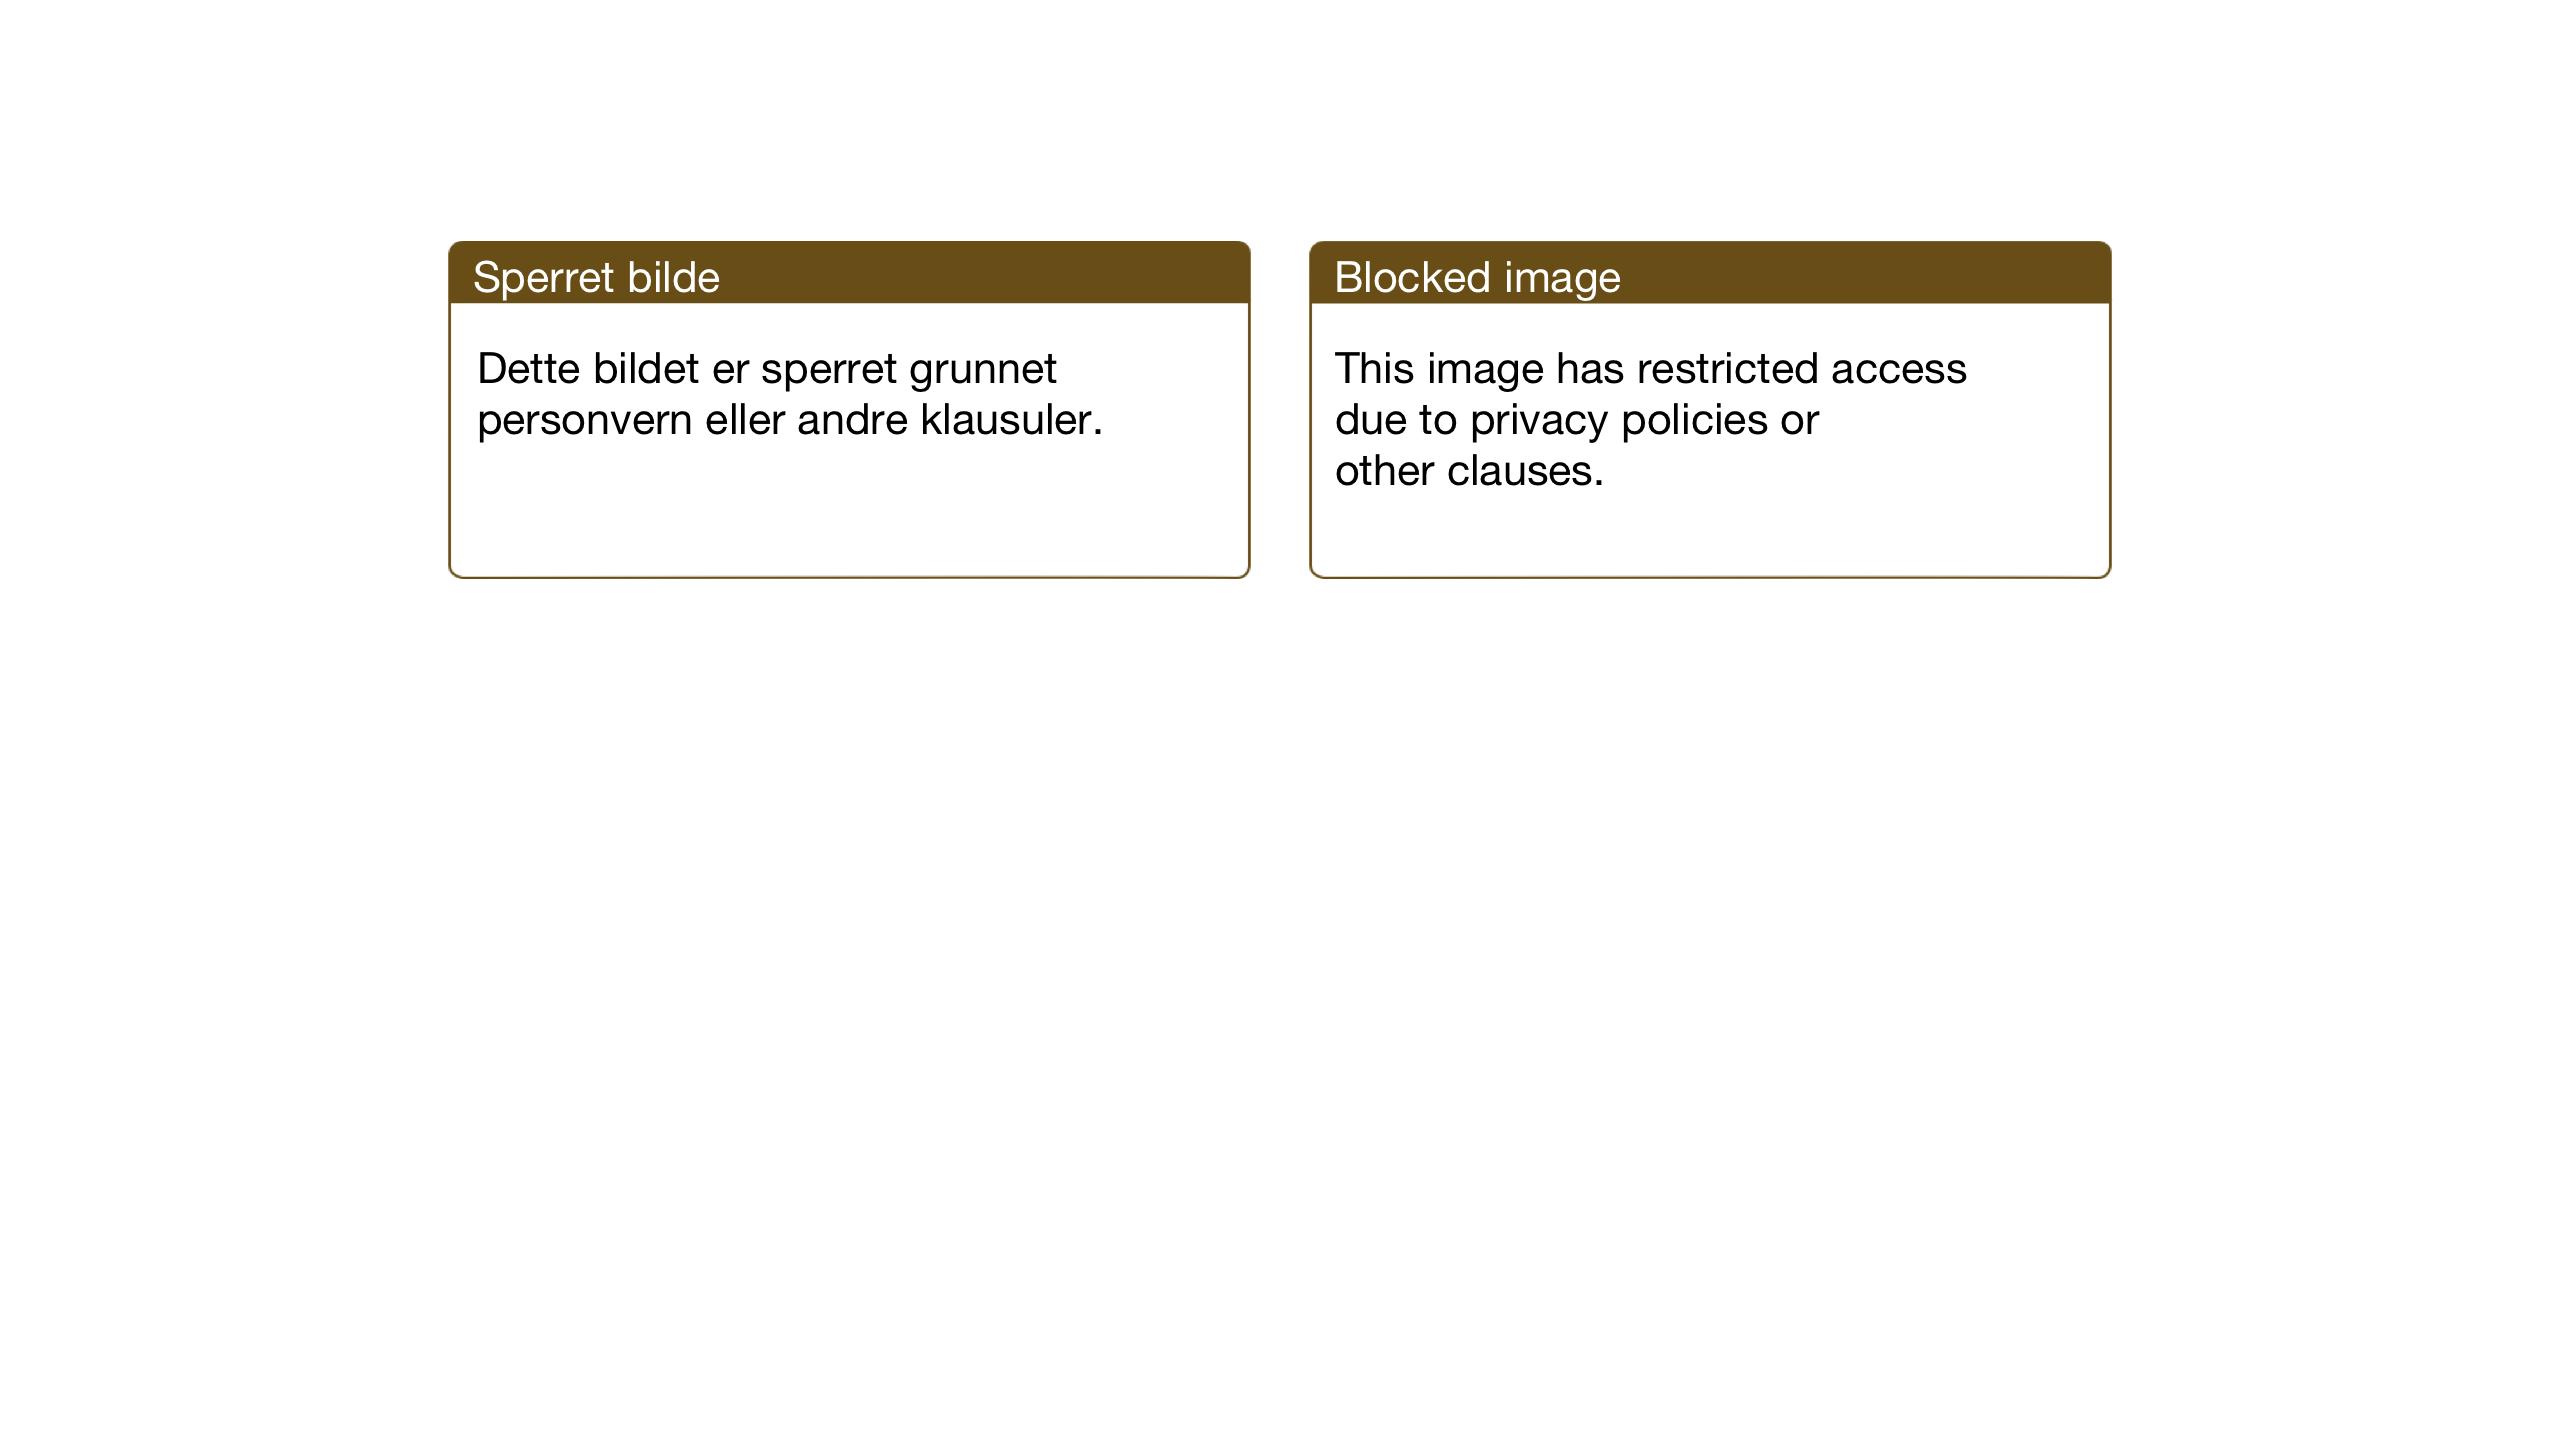 SAT, Ministerialprotokoller, klokkerbøker og fødselsregistre - Sør-Trøndelag, 693/L1124: Klokkerbok nr. 693C05, 1911-1941, s. 65